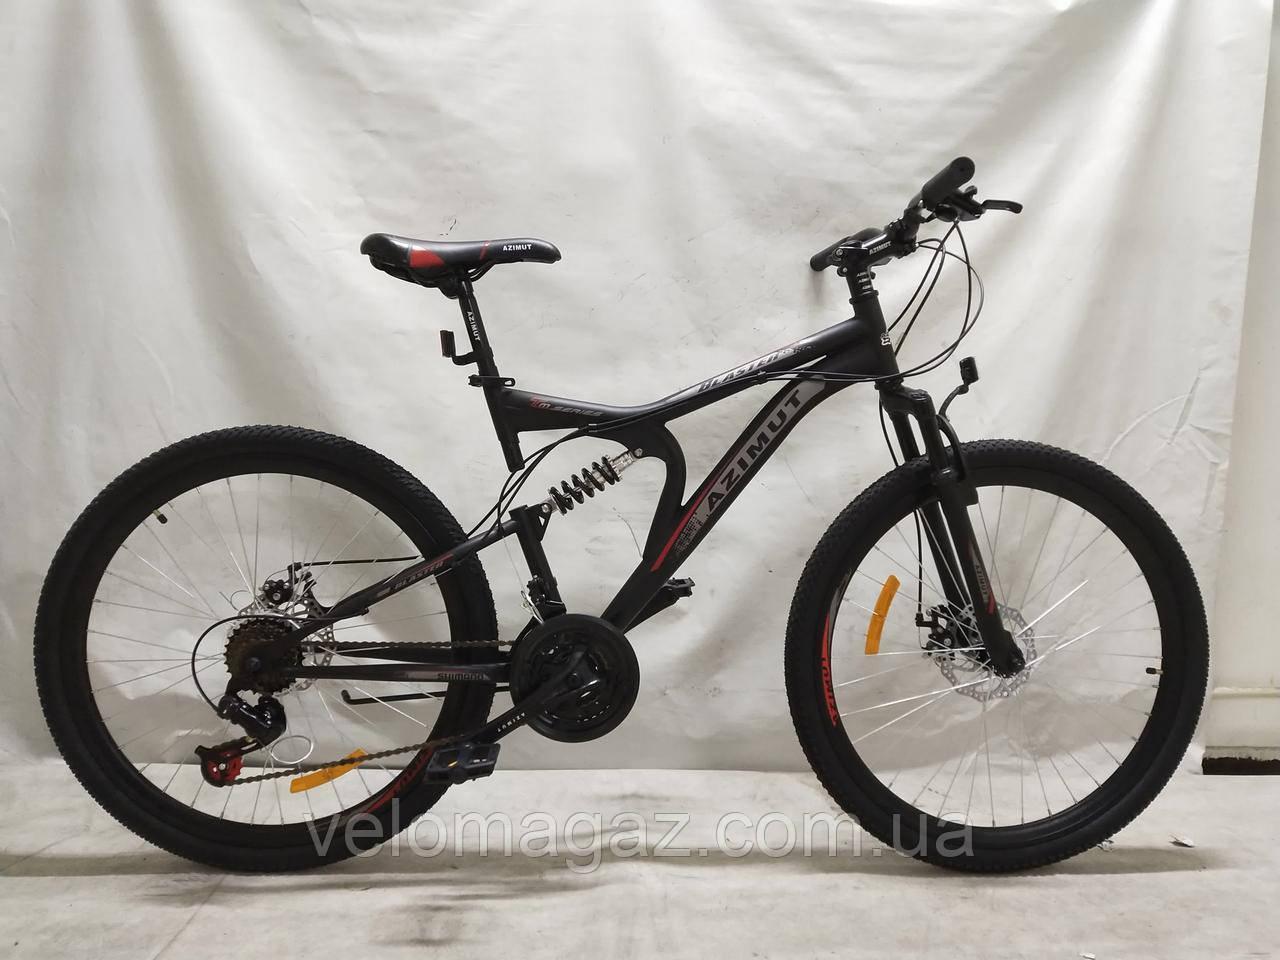 """Велосипед гірський двухподвесной Blaster 24"""" чорно-червоний"""